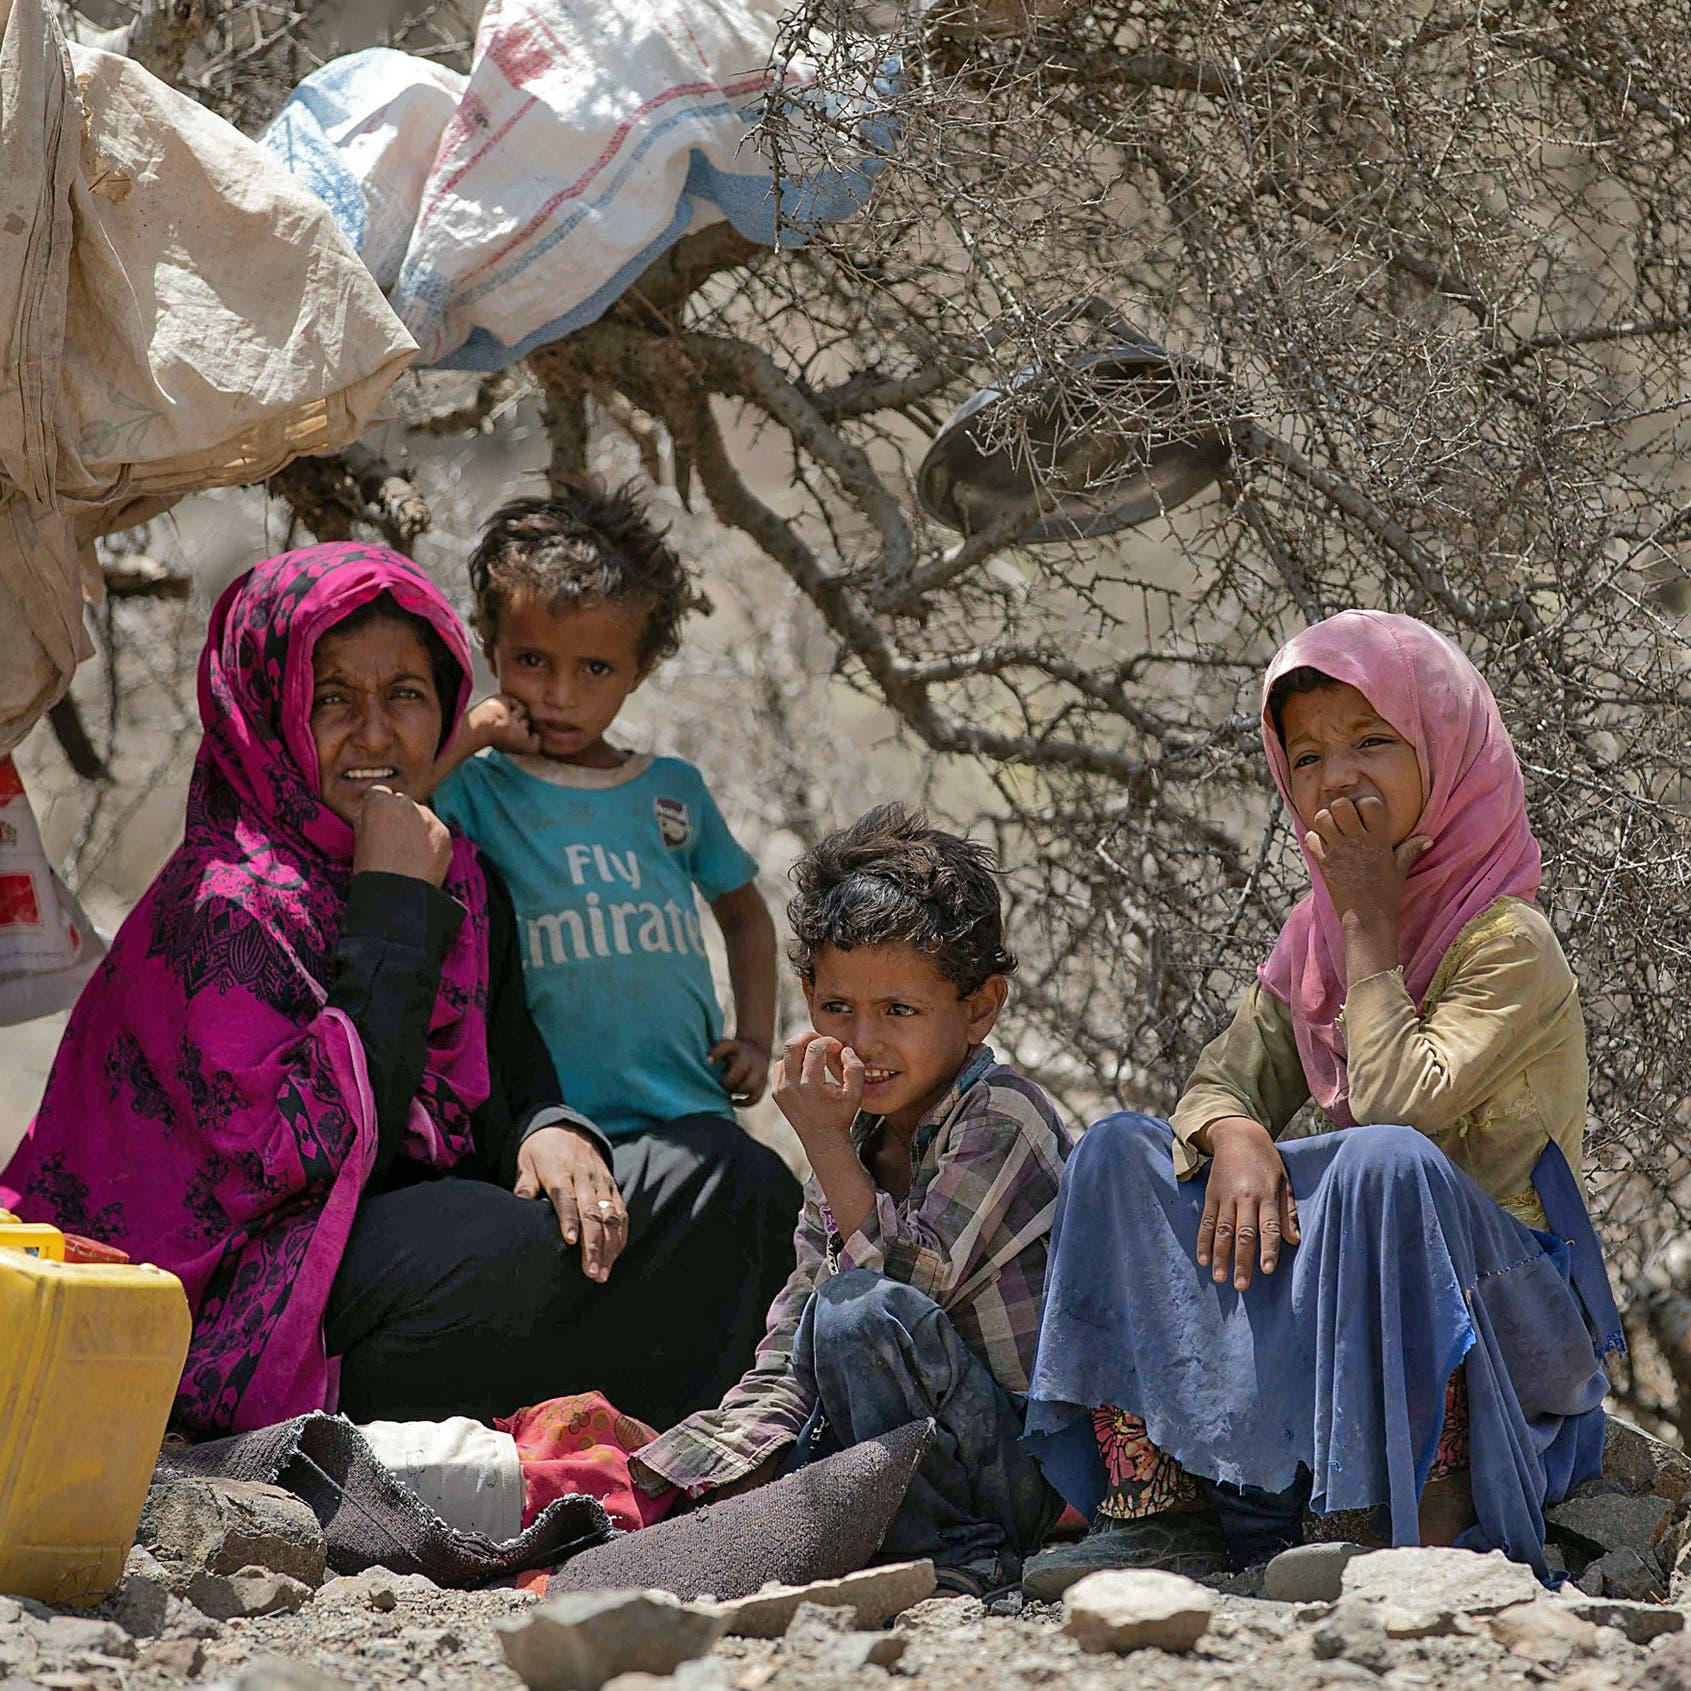 مع استمرار الحصار الحوثي.. سوء التغذية يهدد أطفال تعز